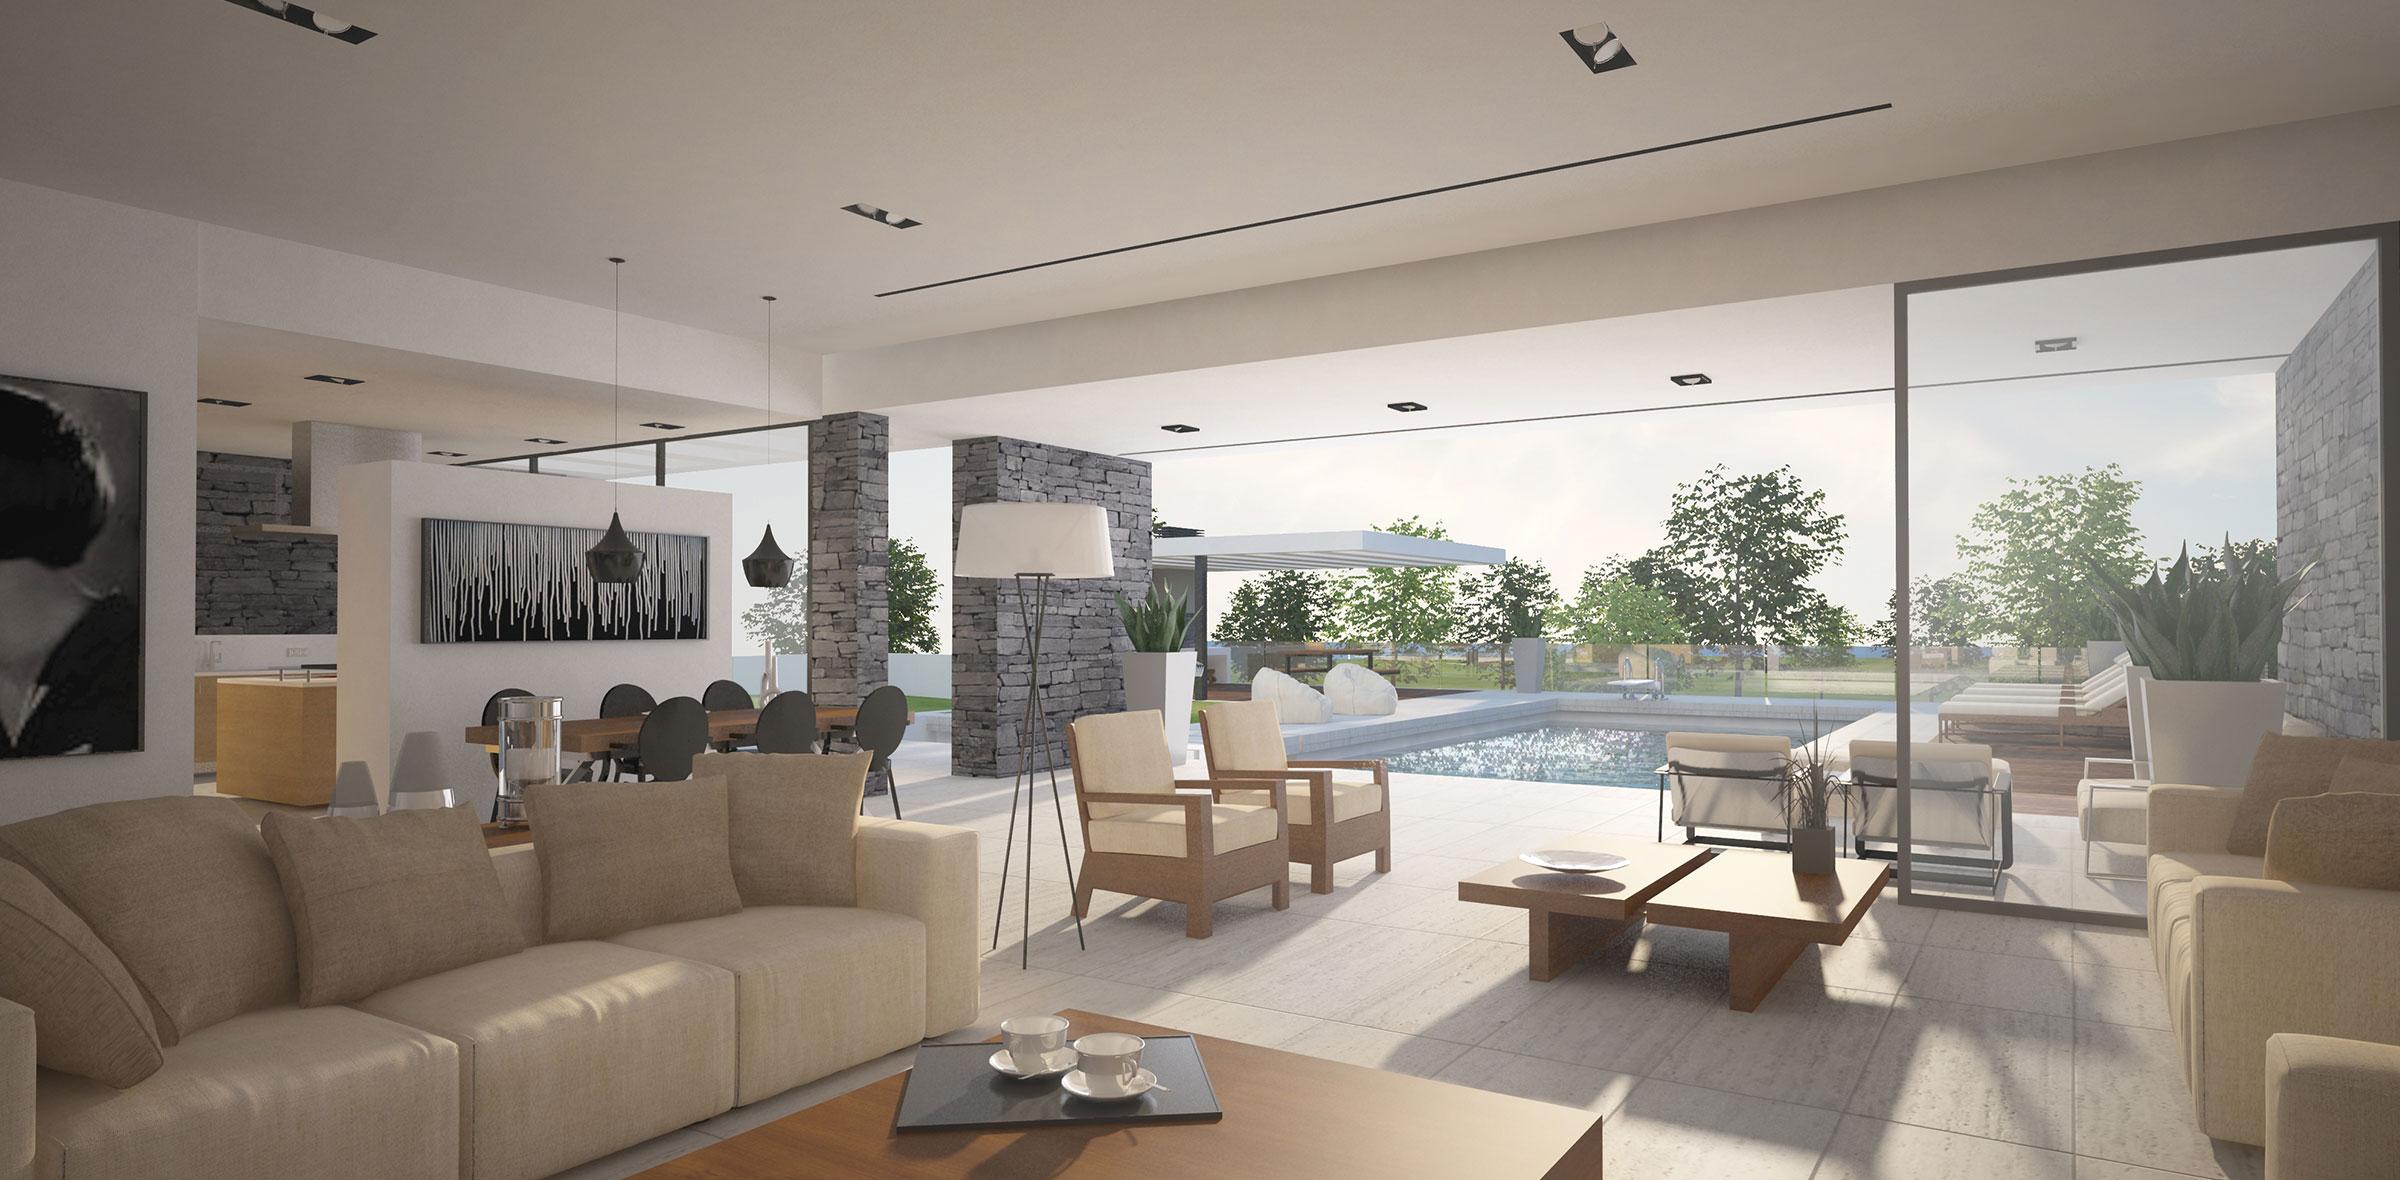 villa verde interior 1.jpg